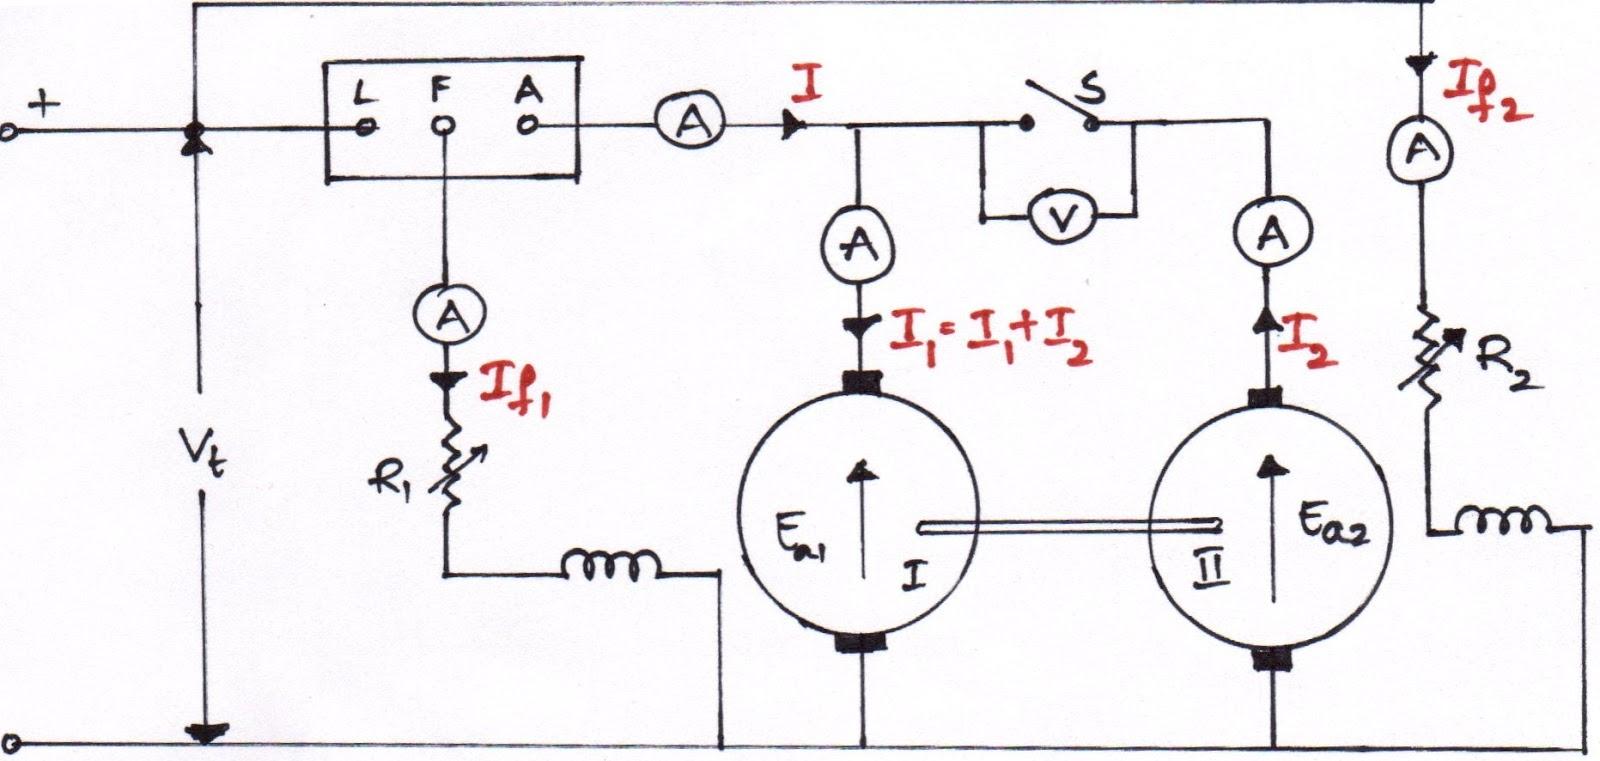 hopkinson's test circuit diagram advantages and disadvantages simple circuit diagrams hopkinson test circuit diagram